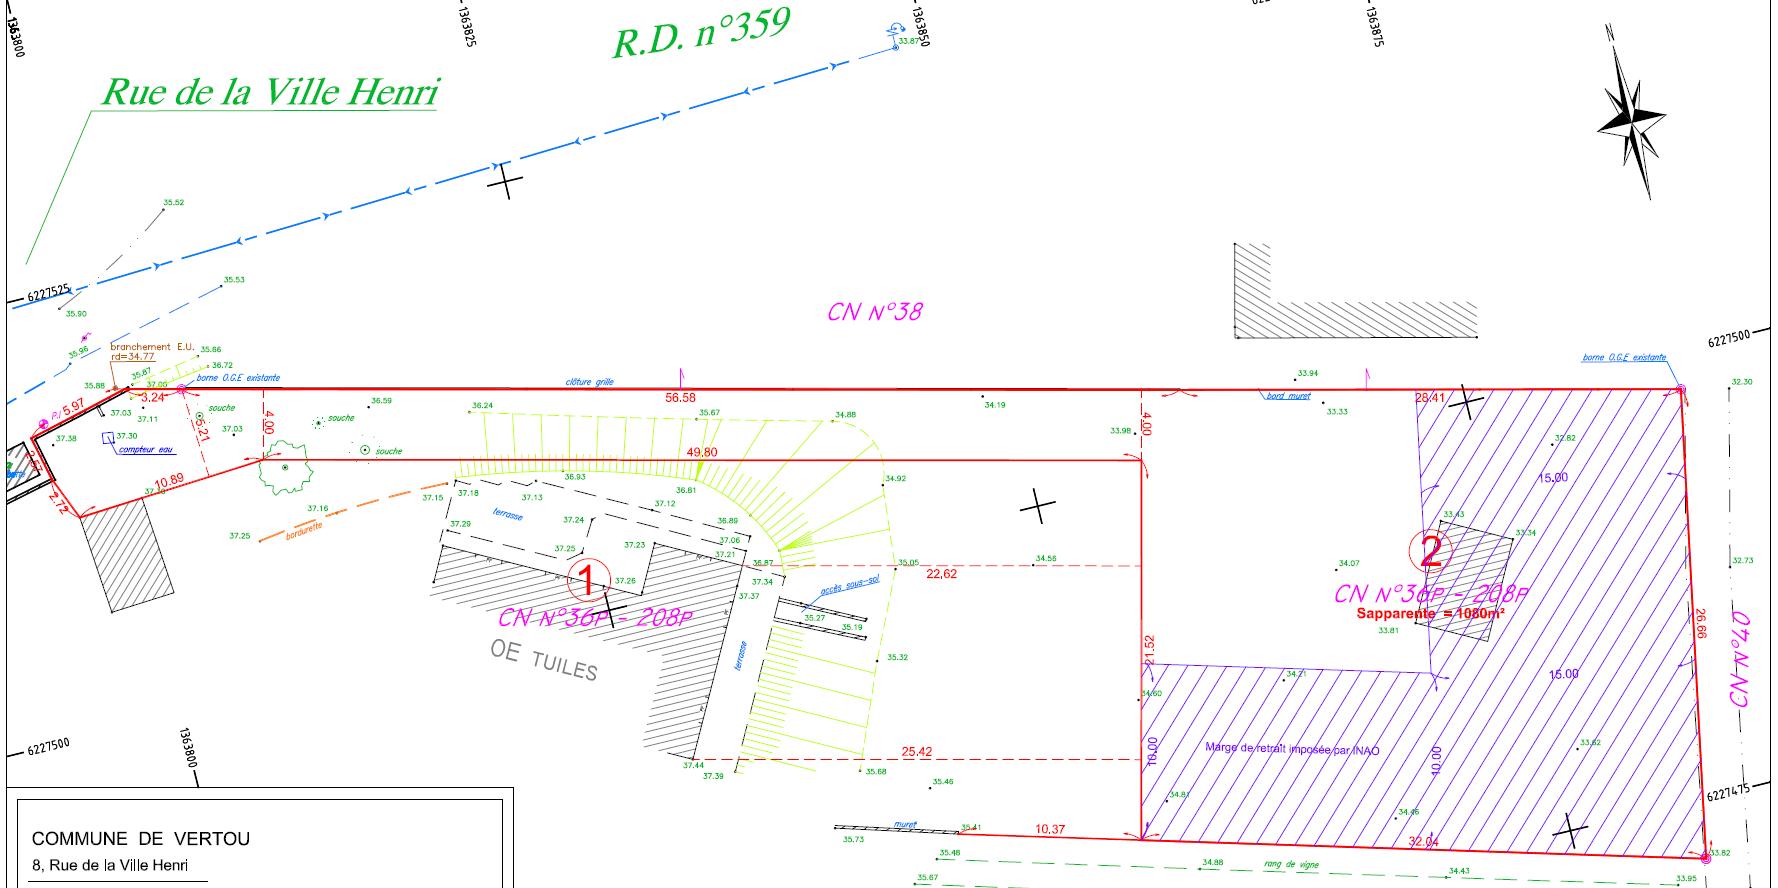 Maison 100m² + Terrain 1.088m² à Vertou - Parcelle